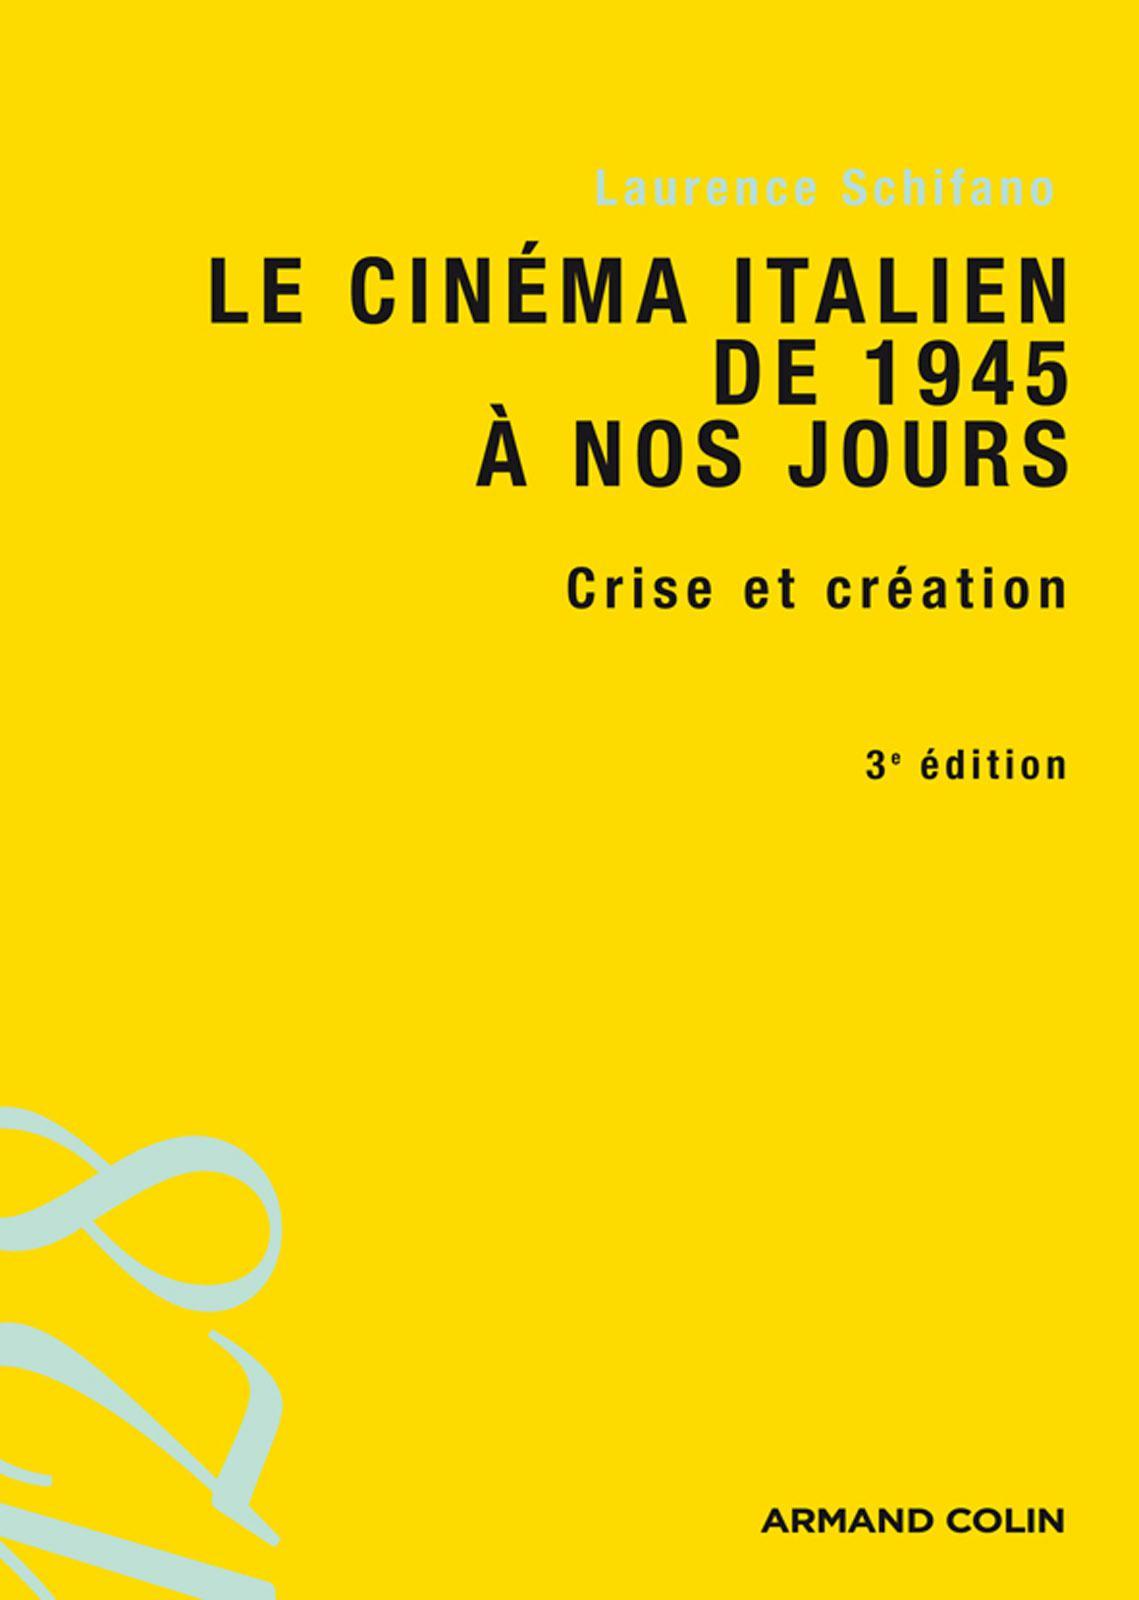 télécharger Le cinéma italien de 1945 à nos jours. Laurence Schifano